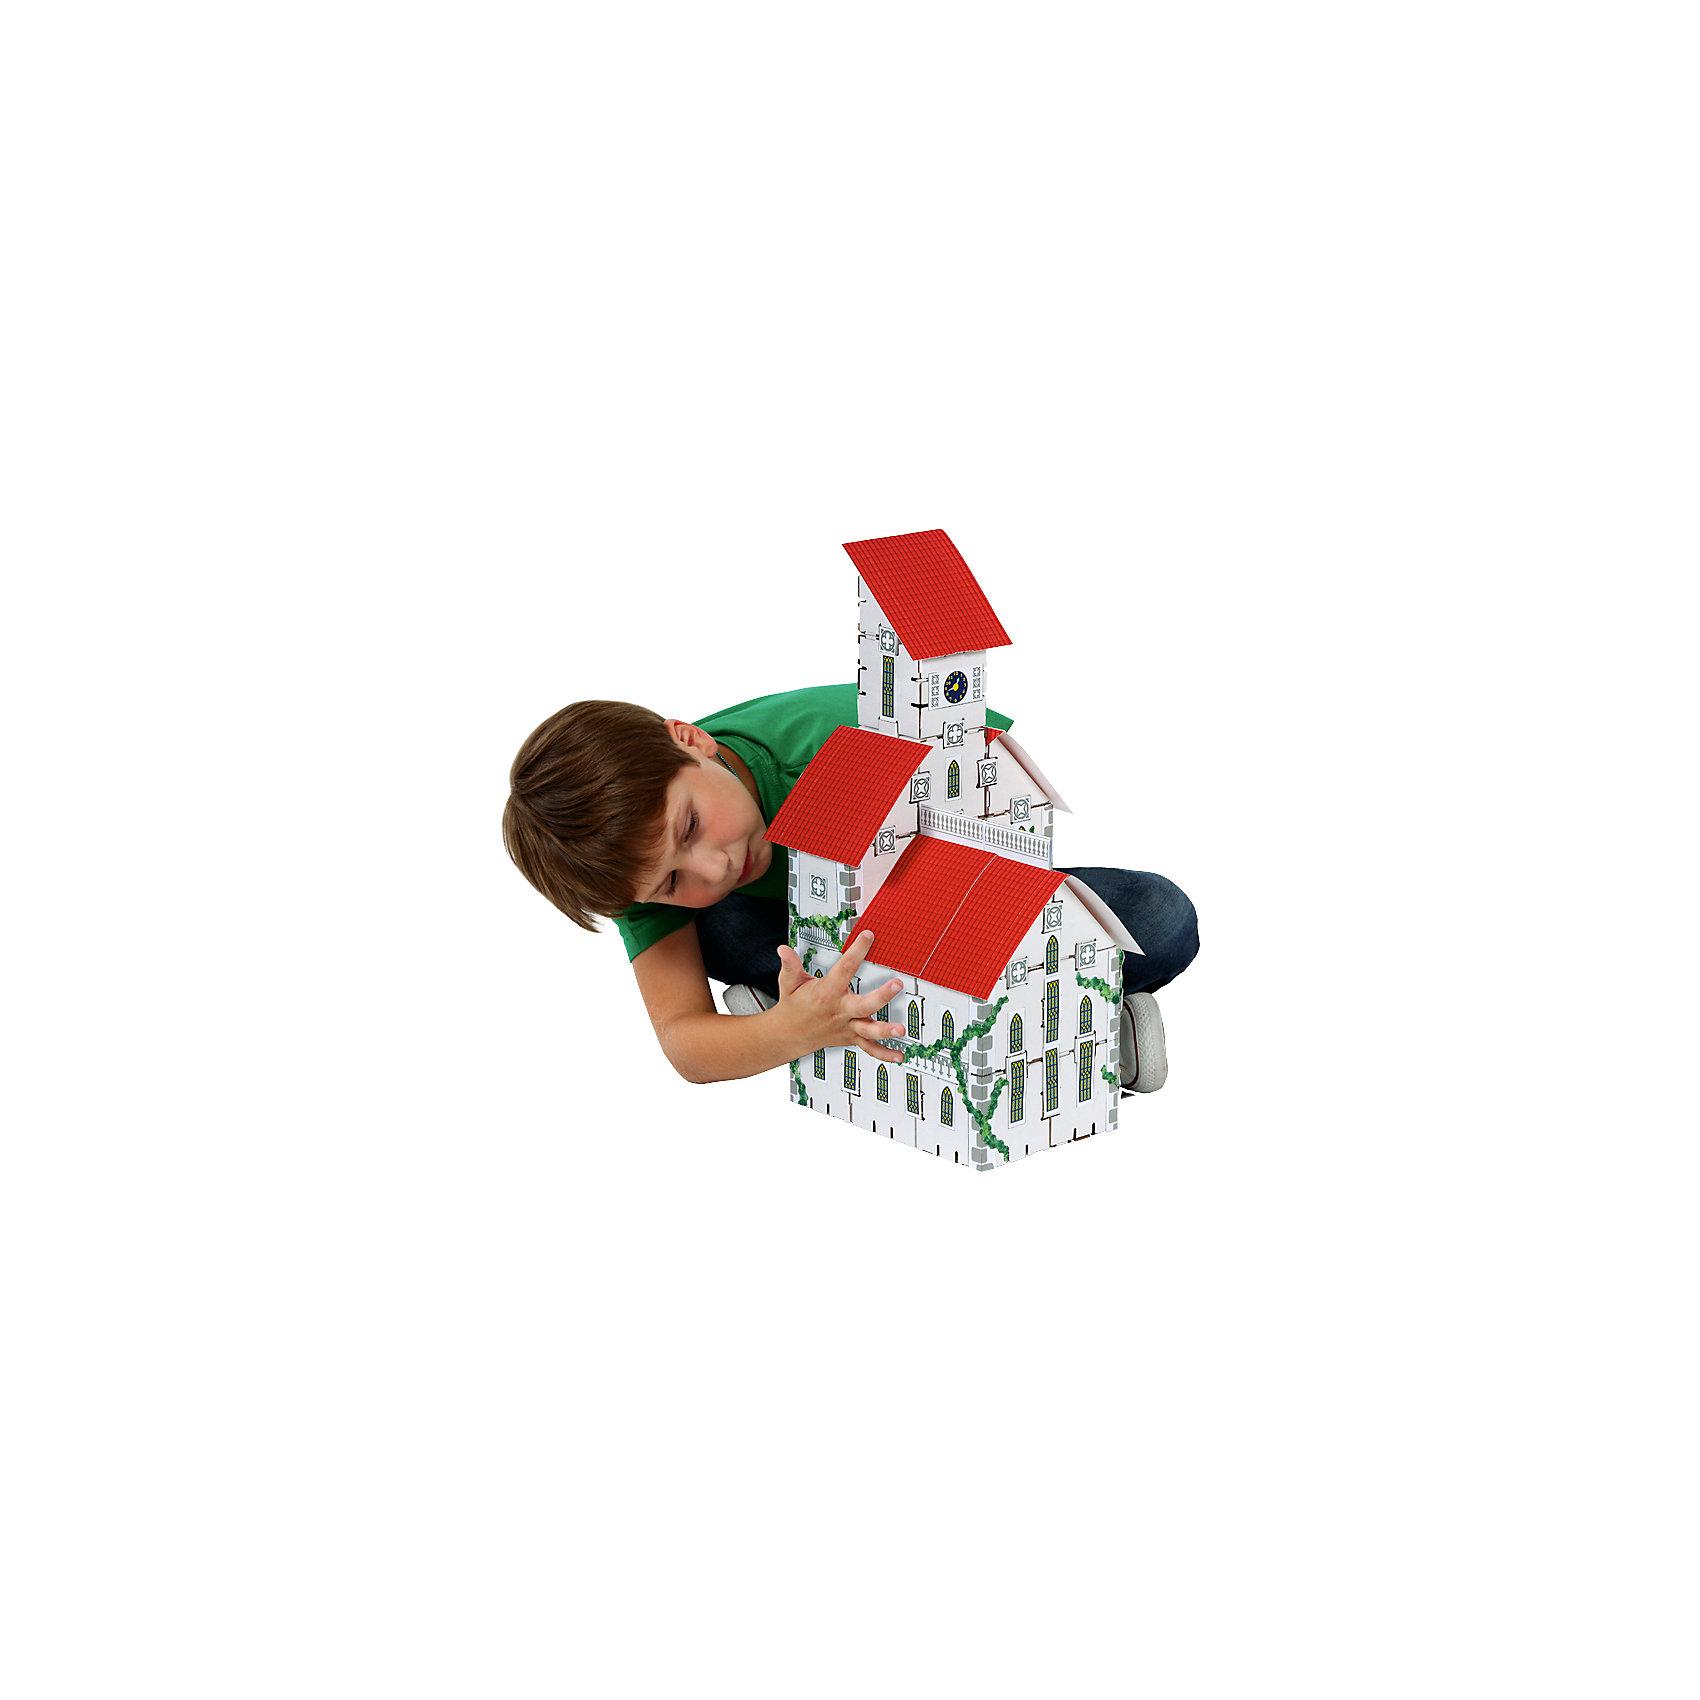 Набор Ратуша, серия Yoho City, YohocubeБренды конструкторов<br>Набор Ратуша, серия Yoho City, Yohocube (Йохокуб). <br><br>Характеристика:<br><br>• Материал: усиленный картон (1,5 мм). <br>• Размер упаковки: 37х31х5,5 см. <br>• Размер одного кубика: 8 см. <br>• 26 деталей. <br>• В комплекте журнал с цветными вырубными деталями и стикерами. <br>• Яркий оригинальный дизайн. <br>• Развивает моторику рук, внимание, пространственное мышление и воображение. <br><br>С помощью этого набора ваш ребенок сможет почувствовать себя настоящим строителем и архитектором и собрать красивую ратушу. Все детали набора выполнены из прочного экологичного картона, они надежно и легко крепятся друг к другу, не рассыпаются и не мнутся. Прекрасный подарок на любой праздник! <br>Конструирование - отличный вид творческой деятельности, в процессе которого развивается внимание, моторика рук, пространственное мышление и воображение. <br><br>Набор Ратуша, серия Yoho City, Yohocube (Йохокуб) можно купить в нашем интернет-магазине.<br><br>Ширина мм: 370<br>Глубина мм: 310<br>Высота мм: 55<br>Вес г: 1060<br>Возраст от месяцев: 72<br>Возраст до месяцев: 144<br>Пол: Унисекс<br>Возраст: Детский<br>SKU: 5154029